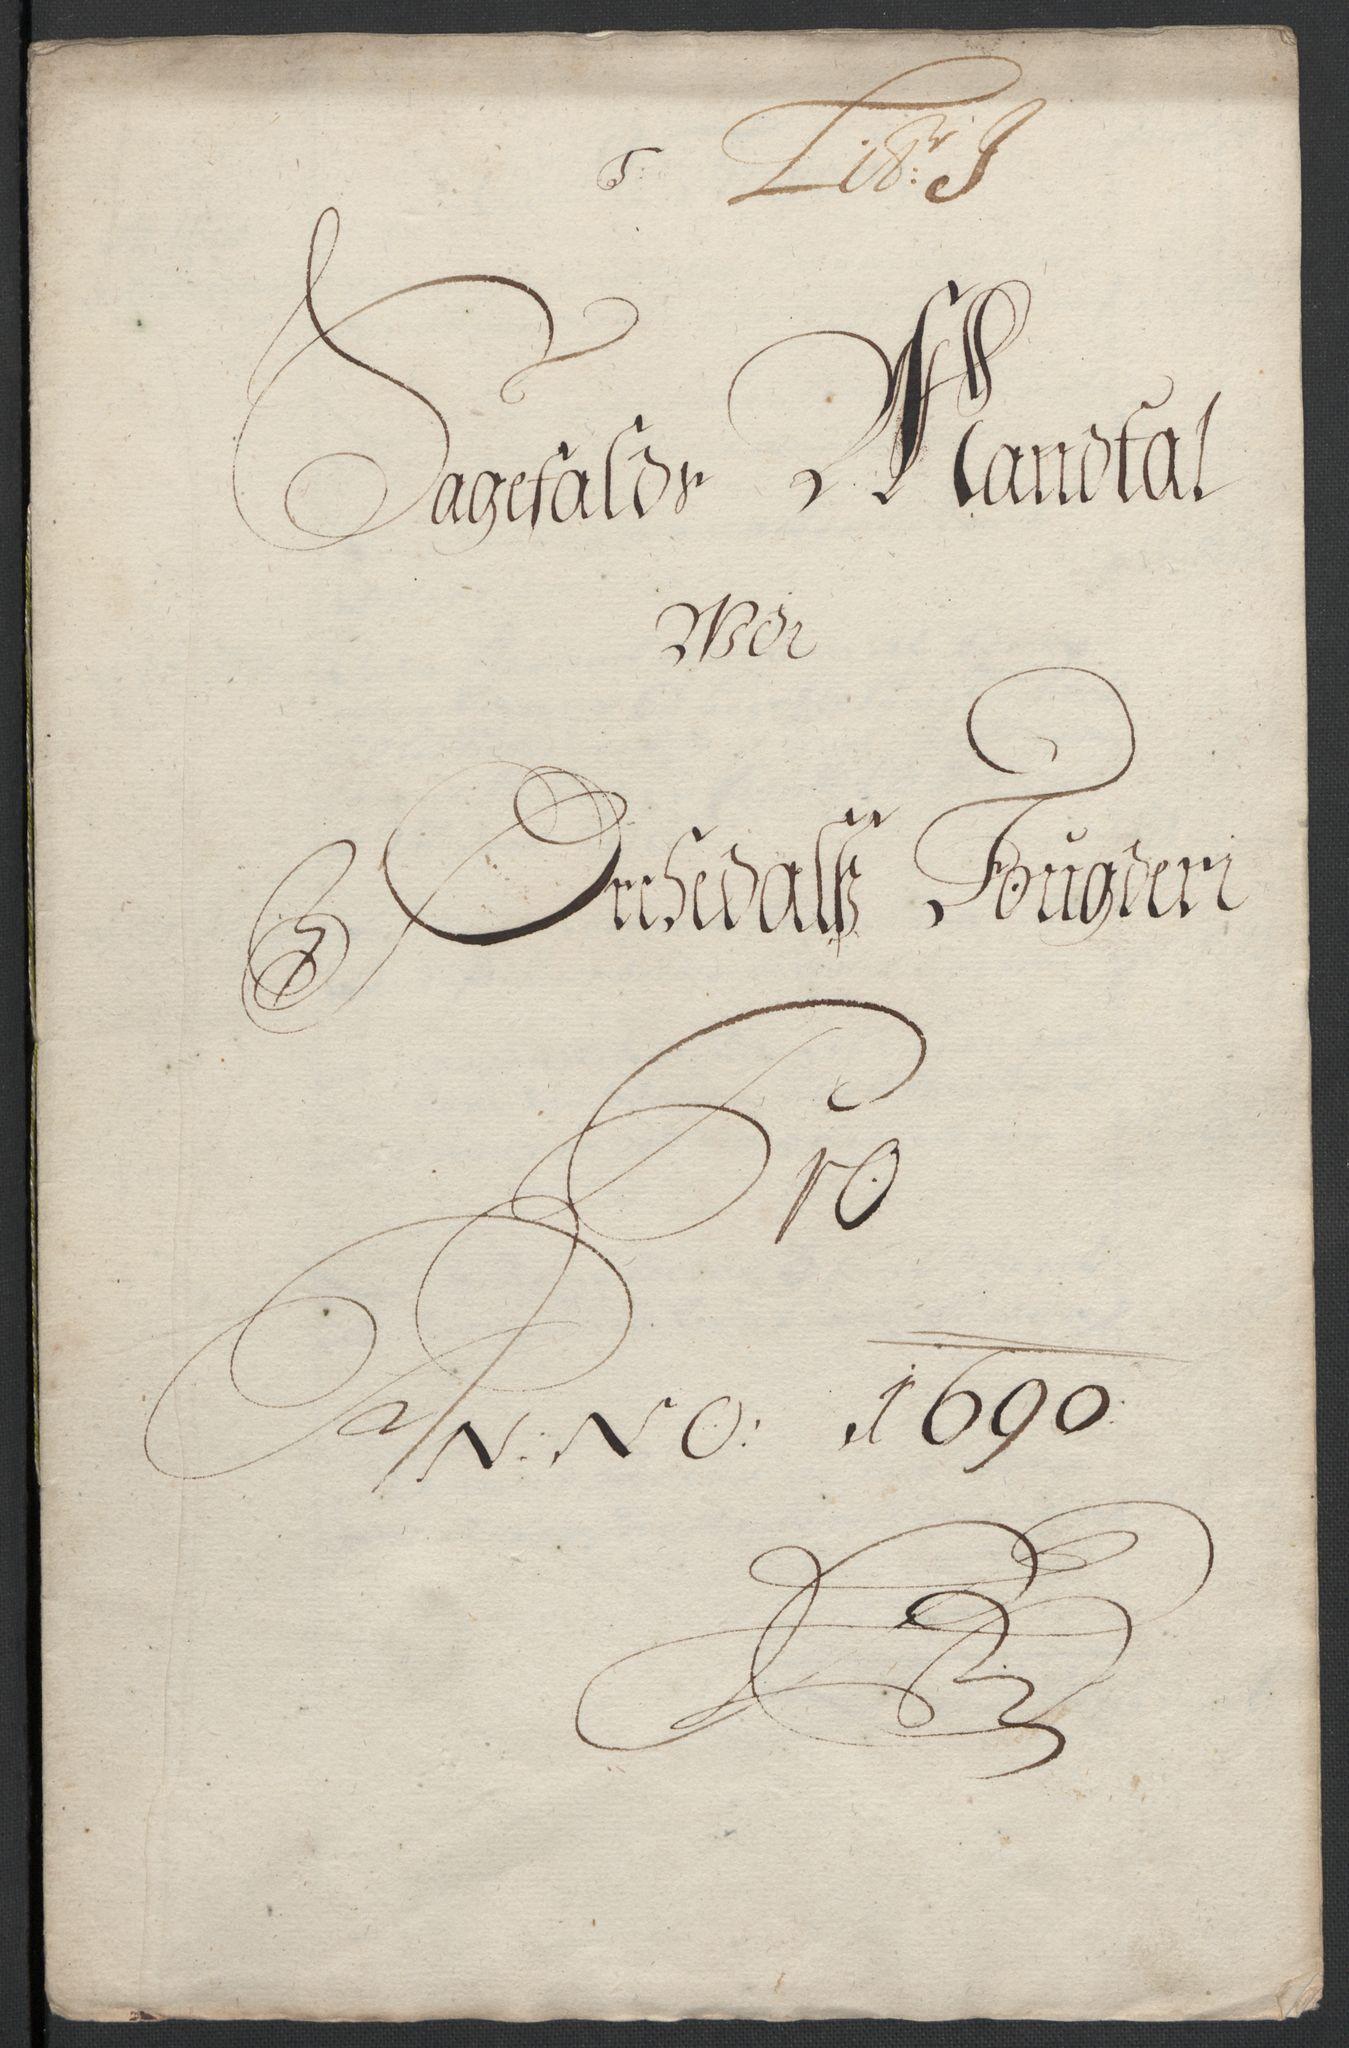 RA, Rentekammeret inntil 1814, Reviderte regnskaper, Fogderegnskap, R58/L3936: Fogderegnskap Orkdal, 1689-1690, s. 394